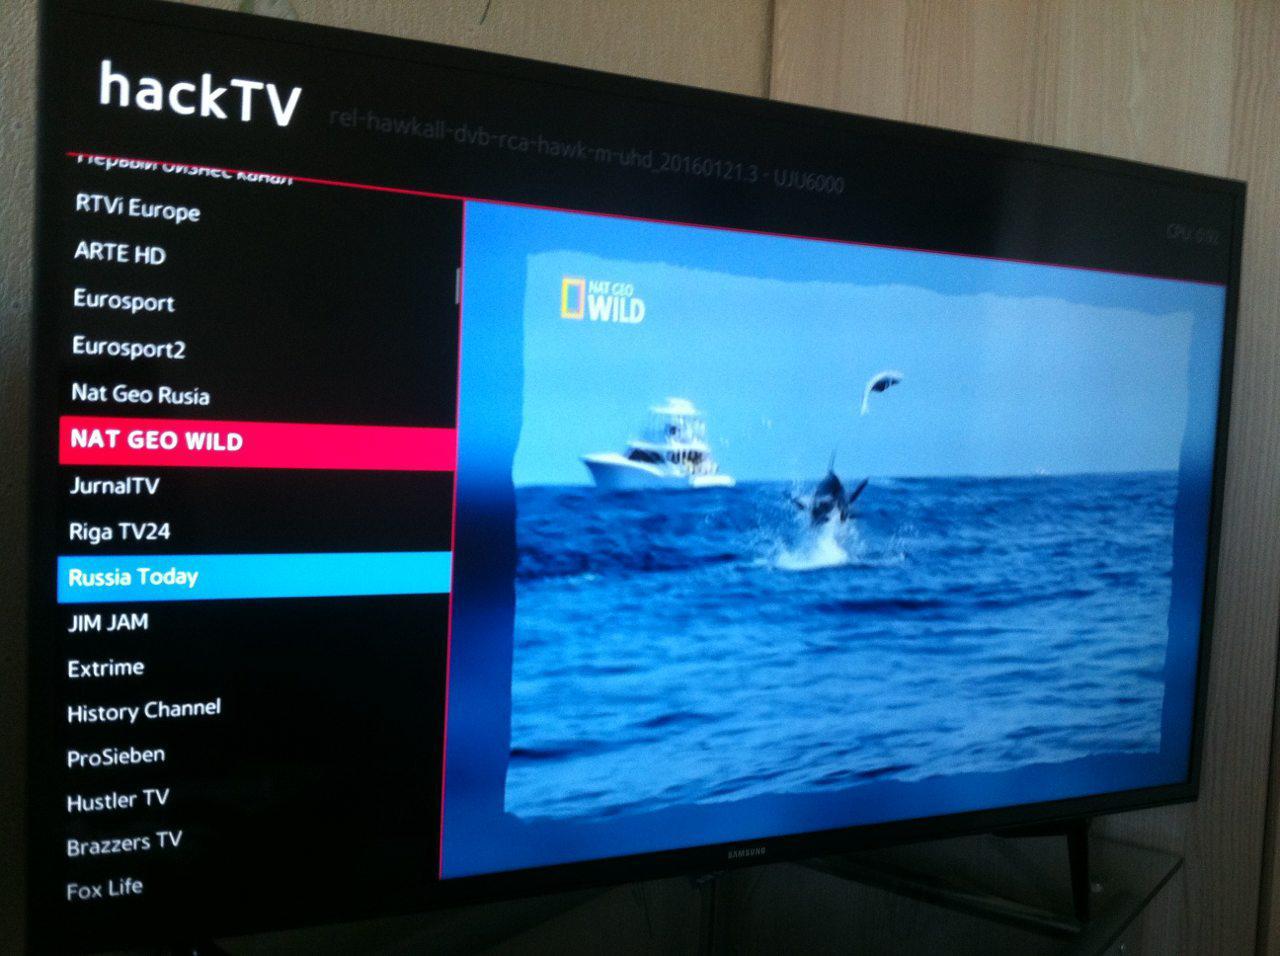 GitHub - kosmodrey/hackTV: Hackable Samsung Smart TV (Tizen) video